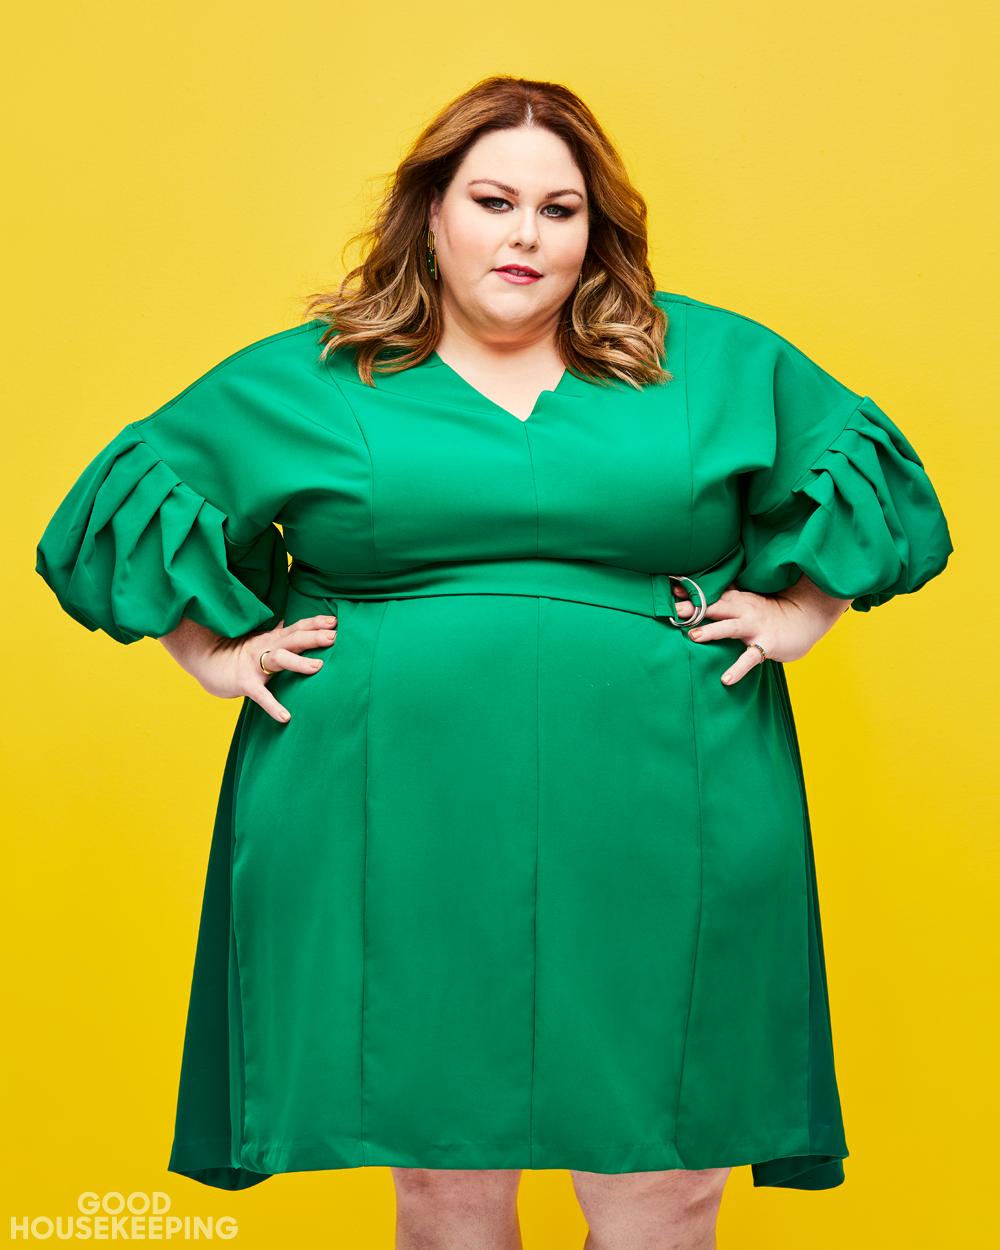 aceasta este pierderea în greutate americană kate pearson